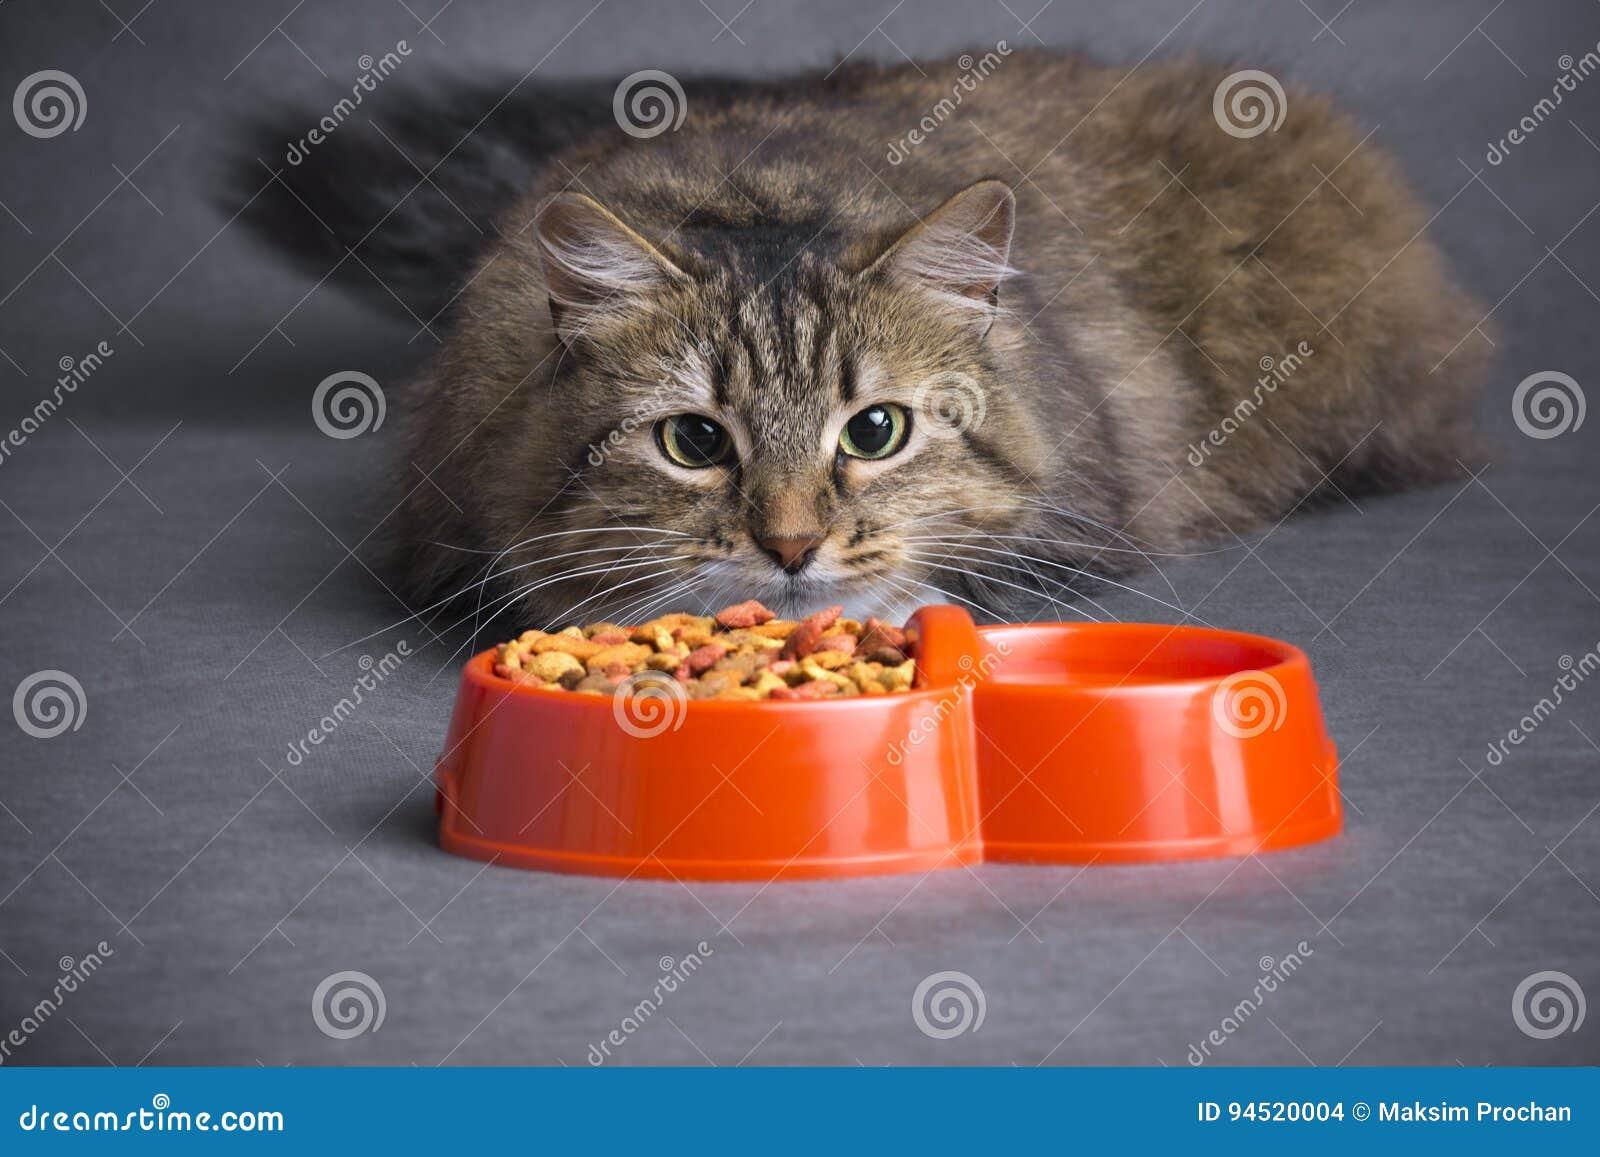 Η γάτα εξετάζει ένα κύπελλο της τροφής